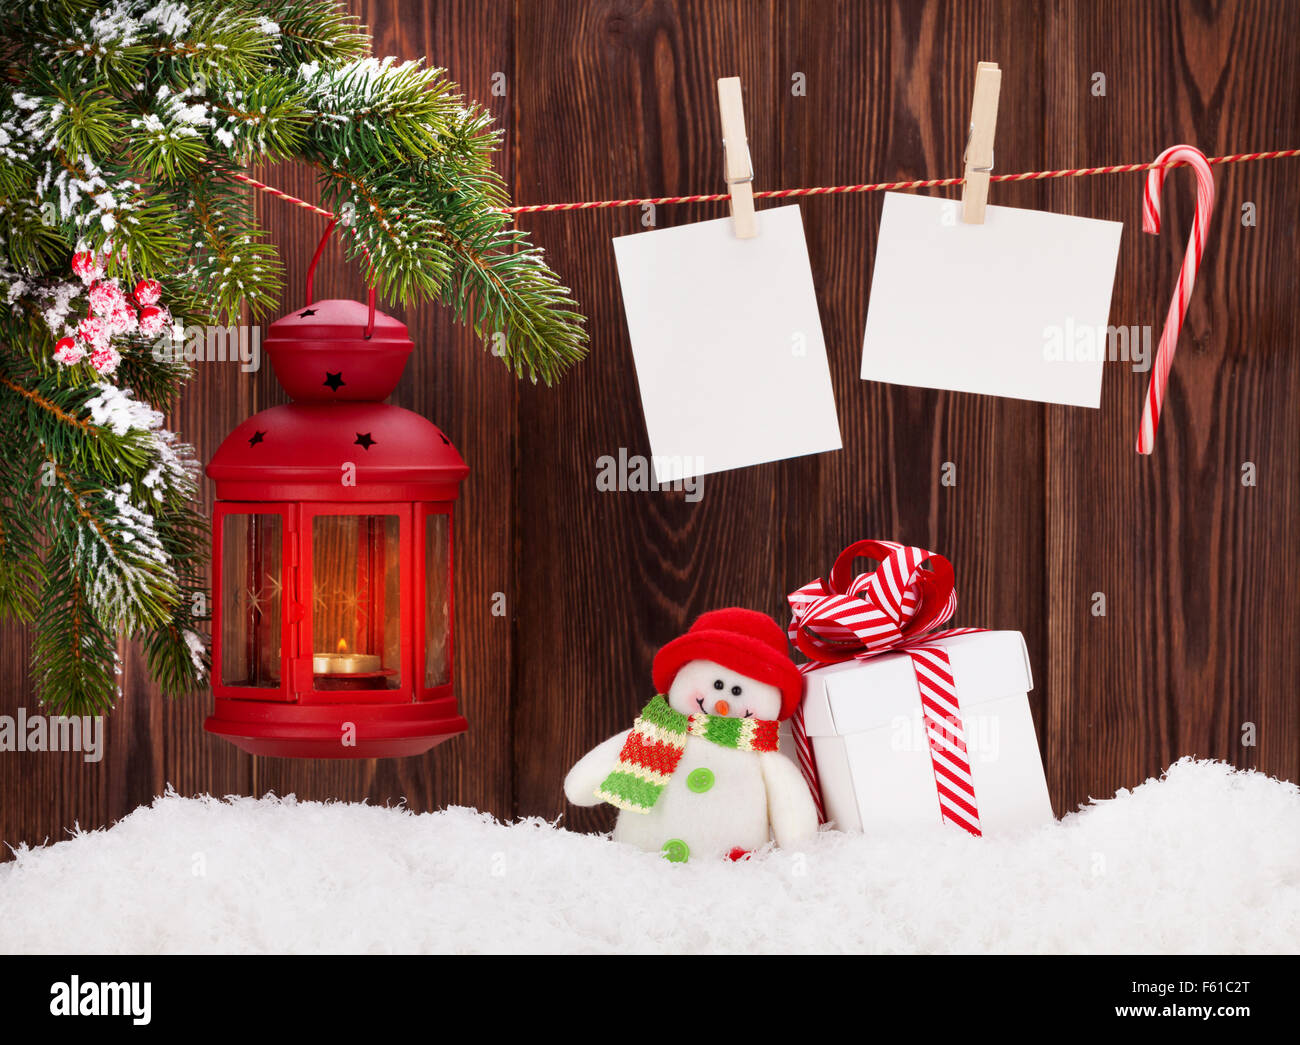 Weihnachten Kerze Laterne, Geschenkbox und leere Bilderrahmen ...